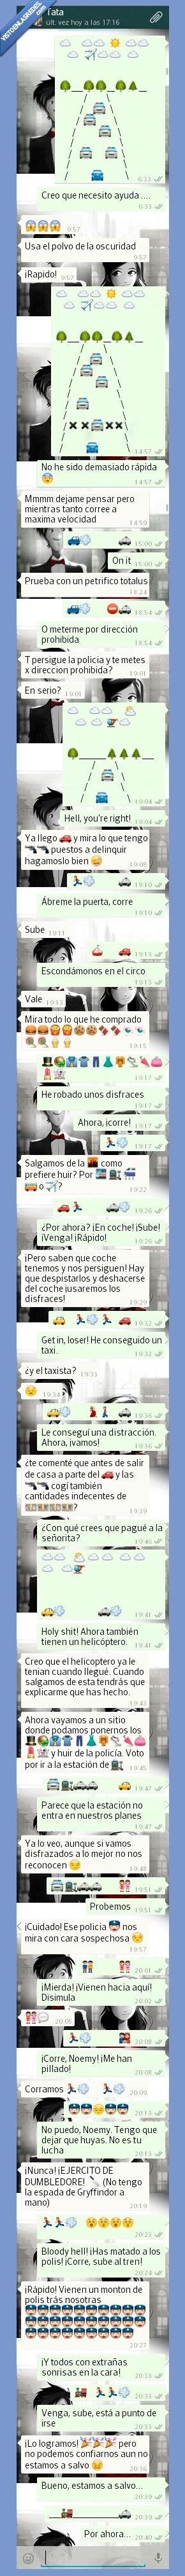 coche,emoji,emoticono,hermana,huida,policia,tren,whatsapp